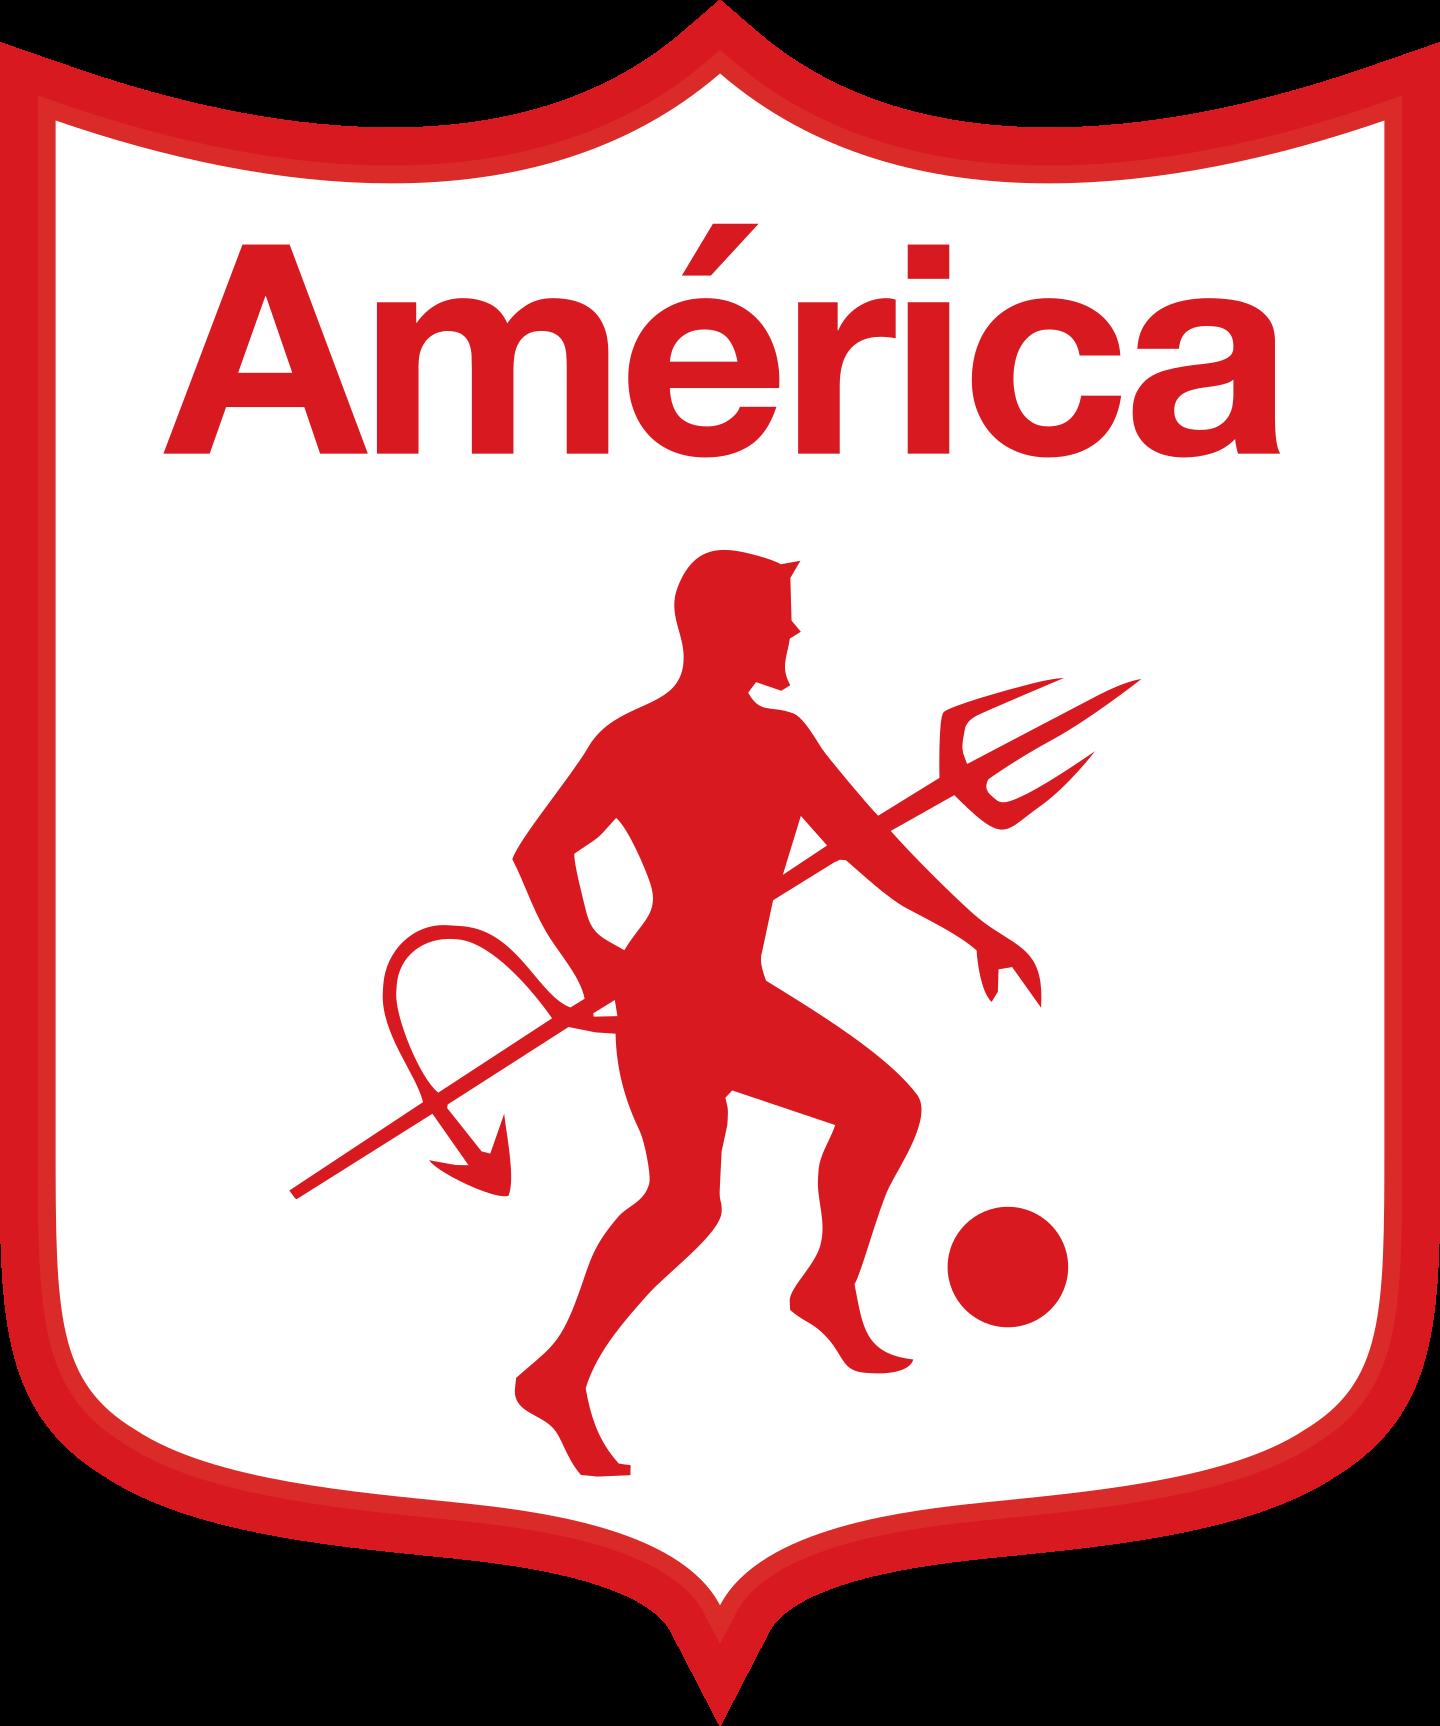 america de cali logo 2 - América de Cali Logo - Escudo